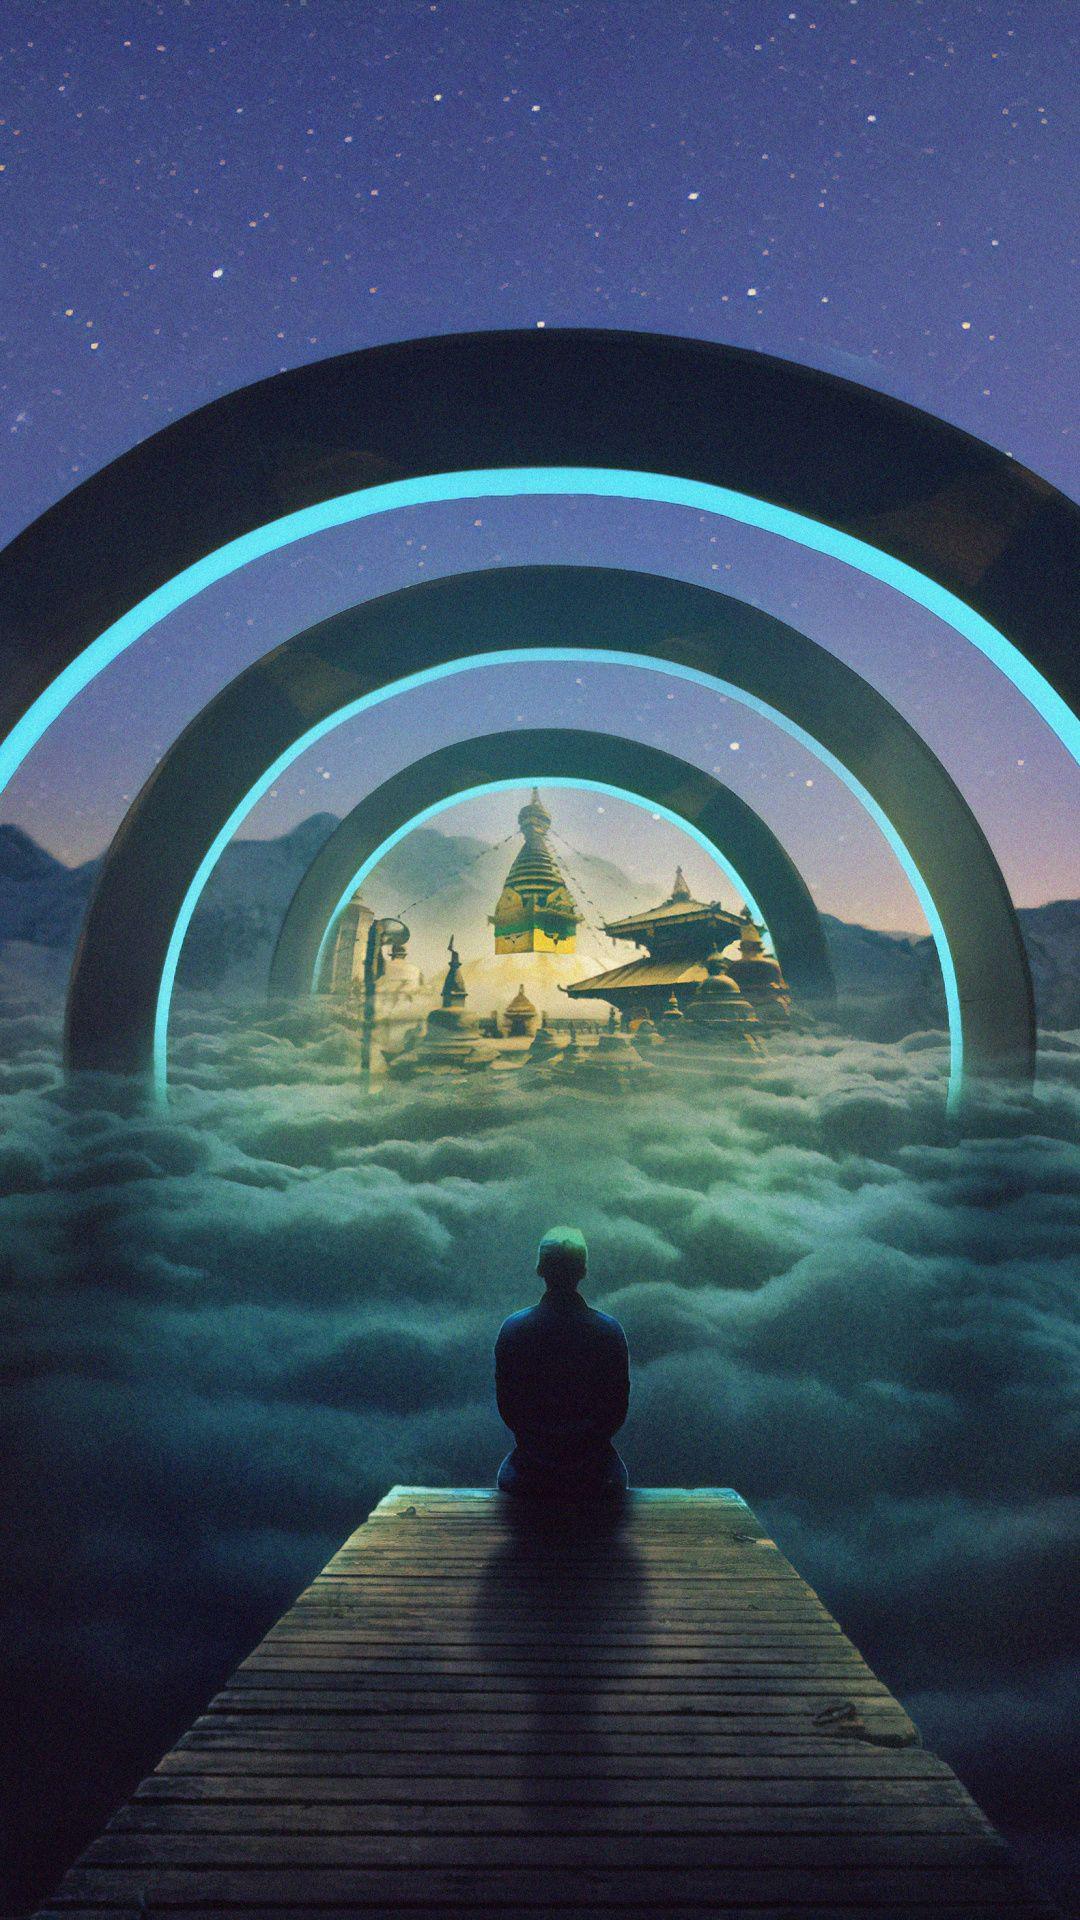 1080x1920 Man Outdoor Night Fantasy Art Wallpaper Fantasy Landscape Fantastic Art Futuristic Art